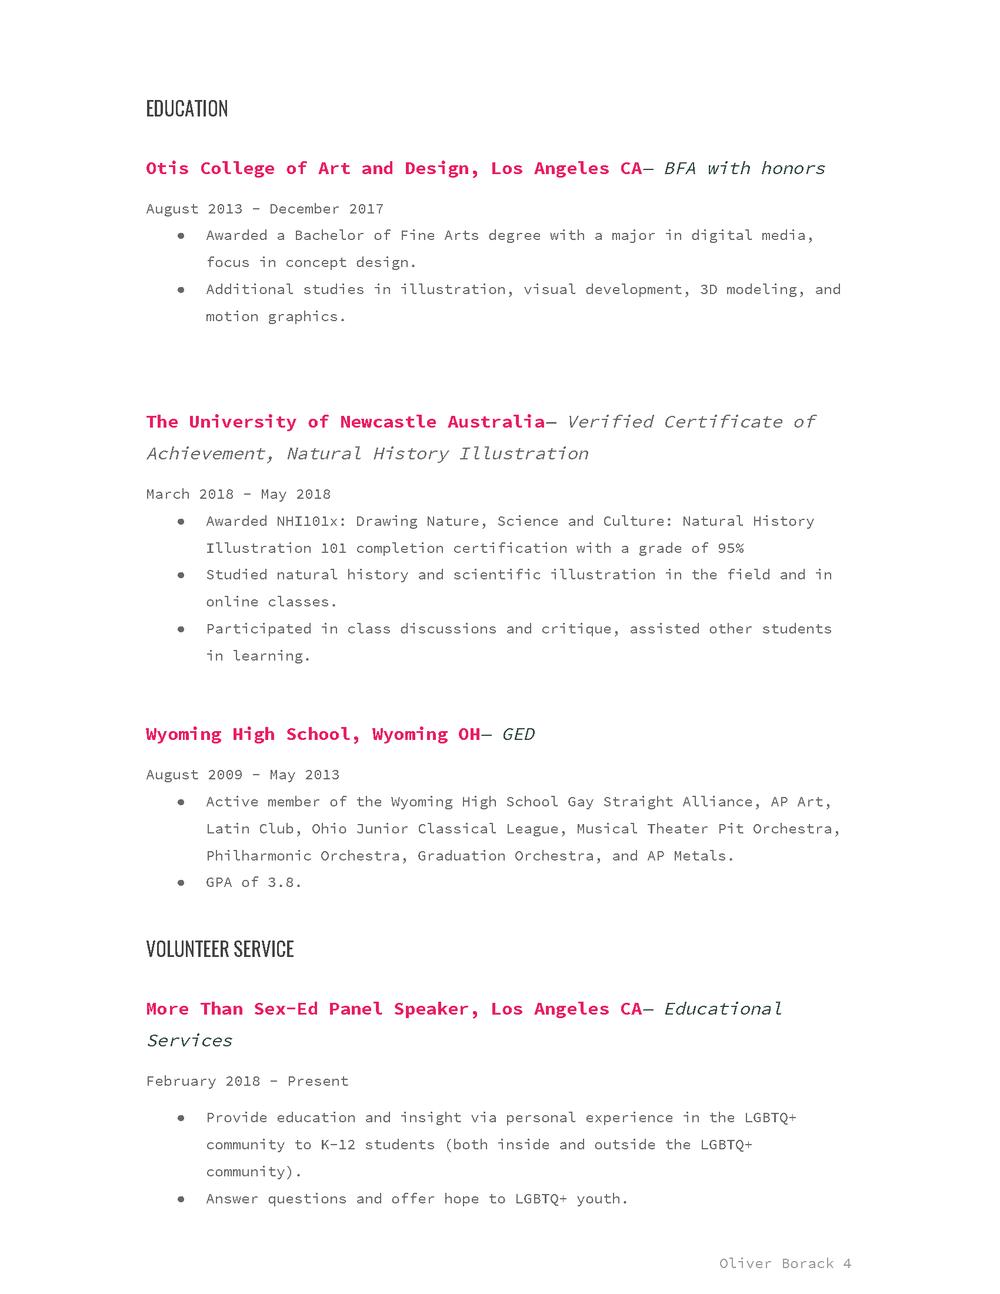 Oliver_Borack_Resume_Page_4.png